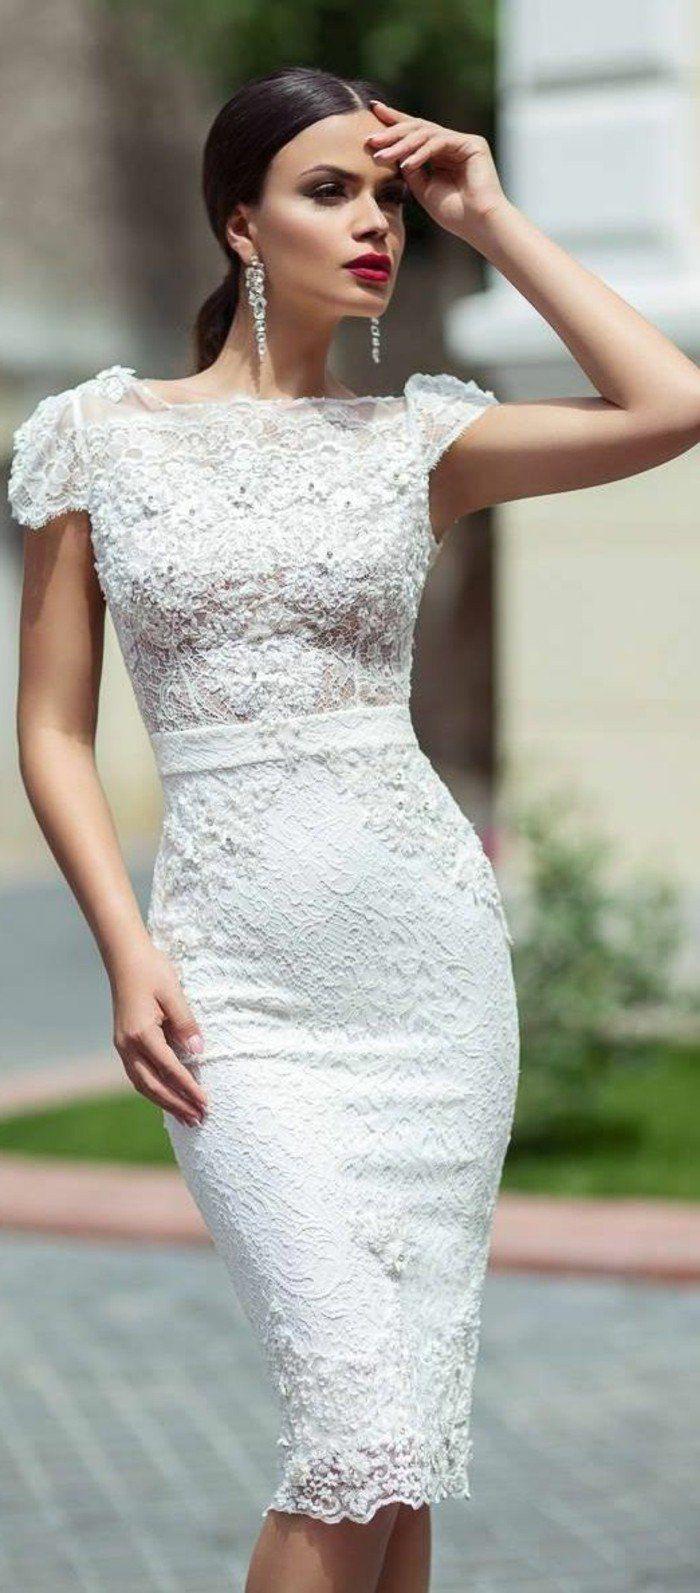 robe de mariée courte en dentelle, tendances vetement ceremonie femme